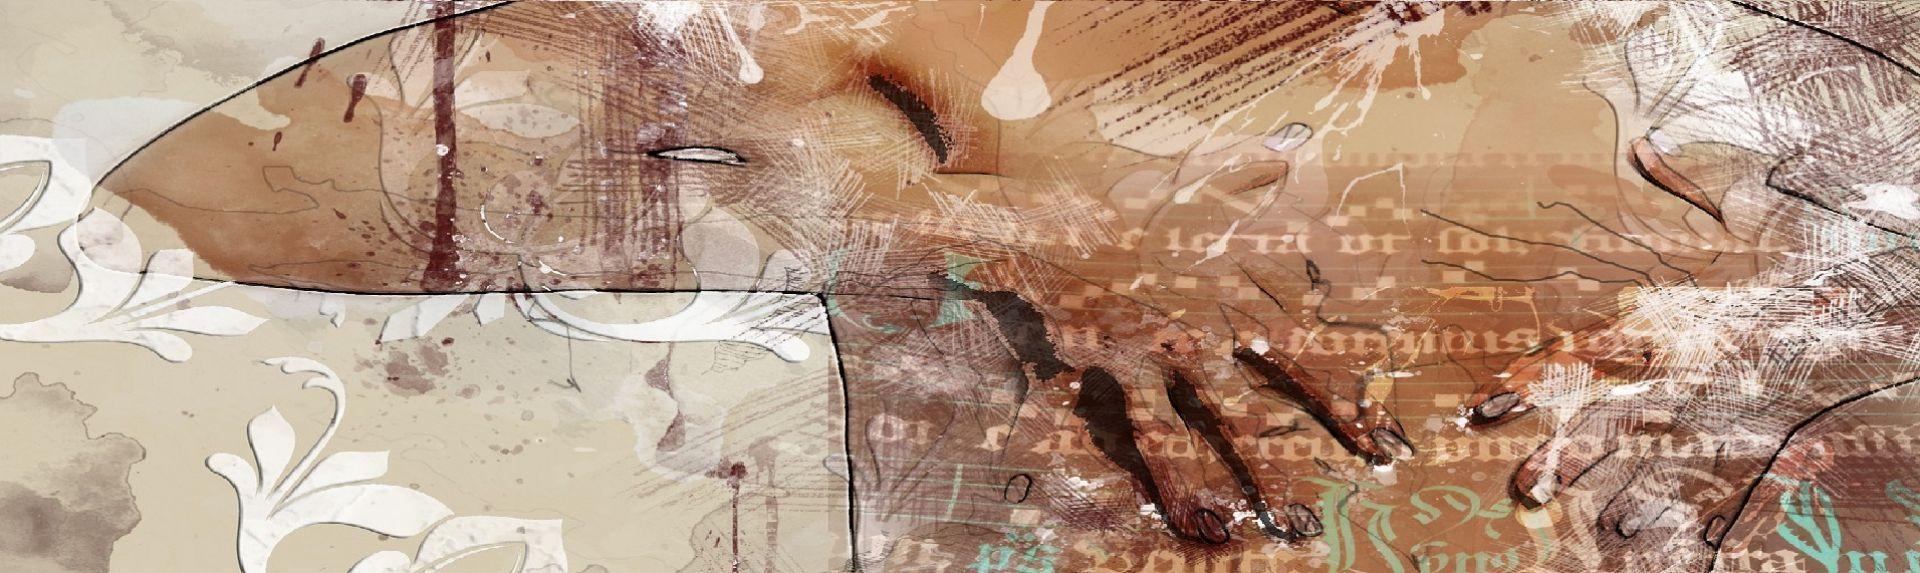 Грудные боли при климаксе: норма или патология?